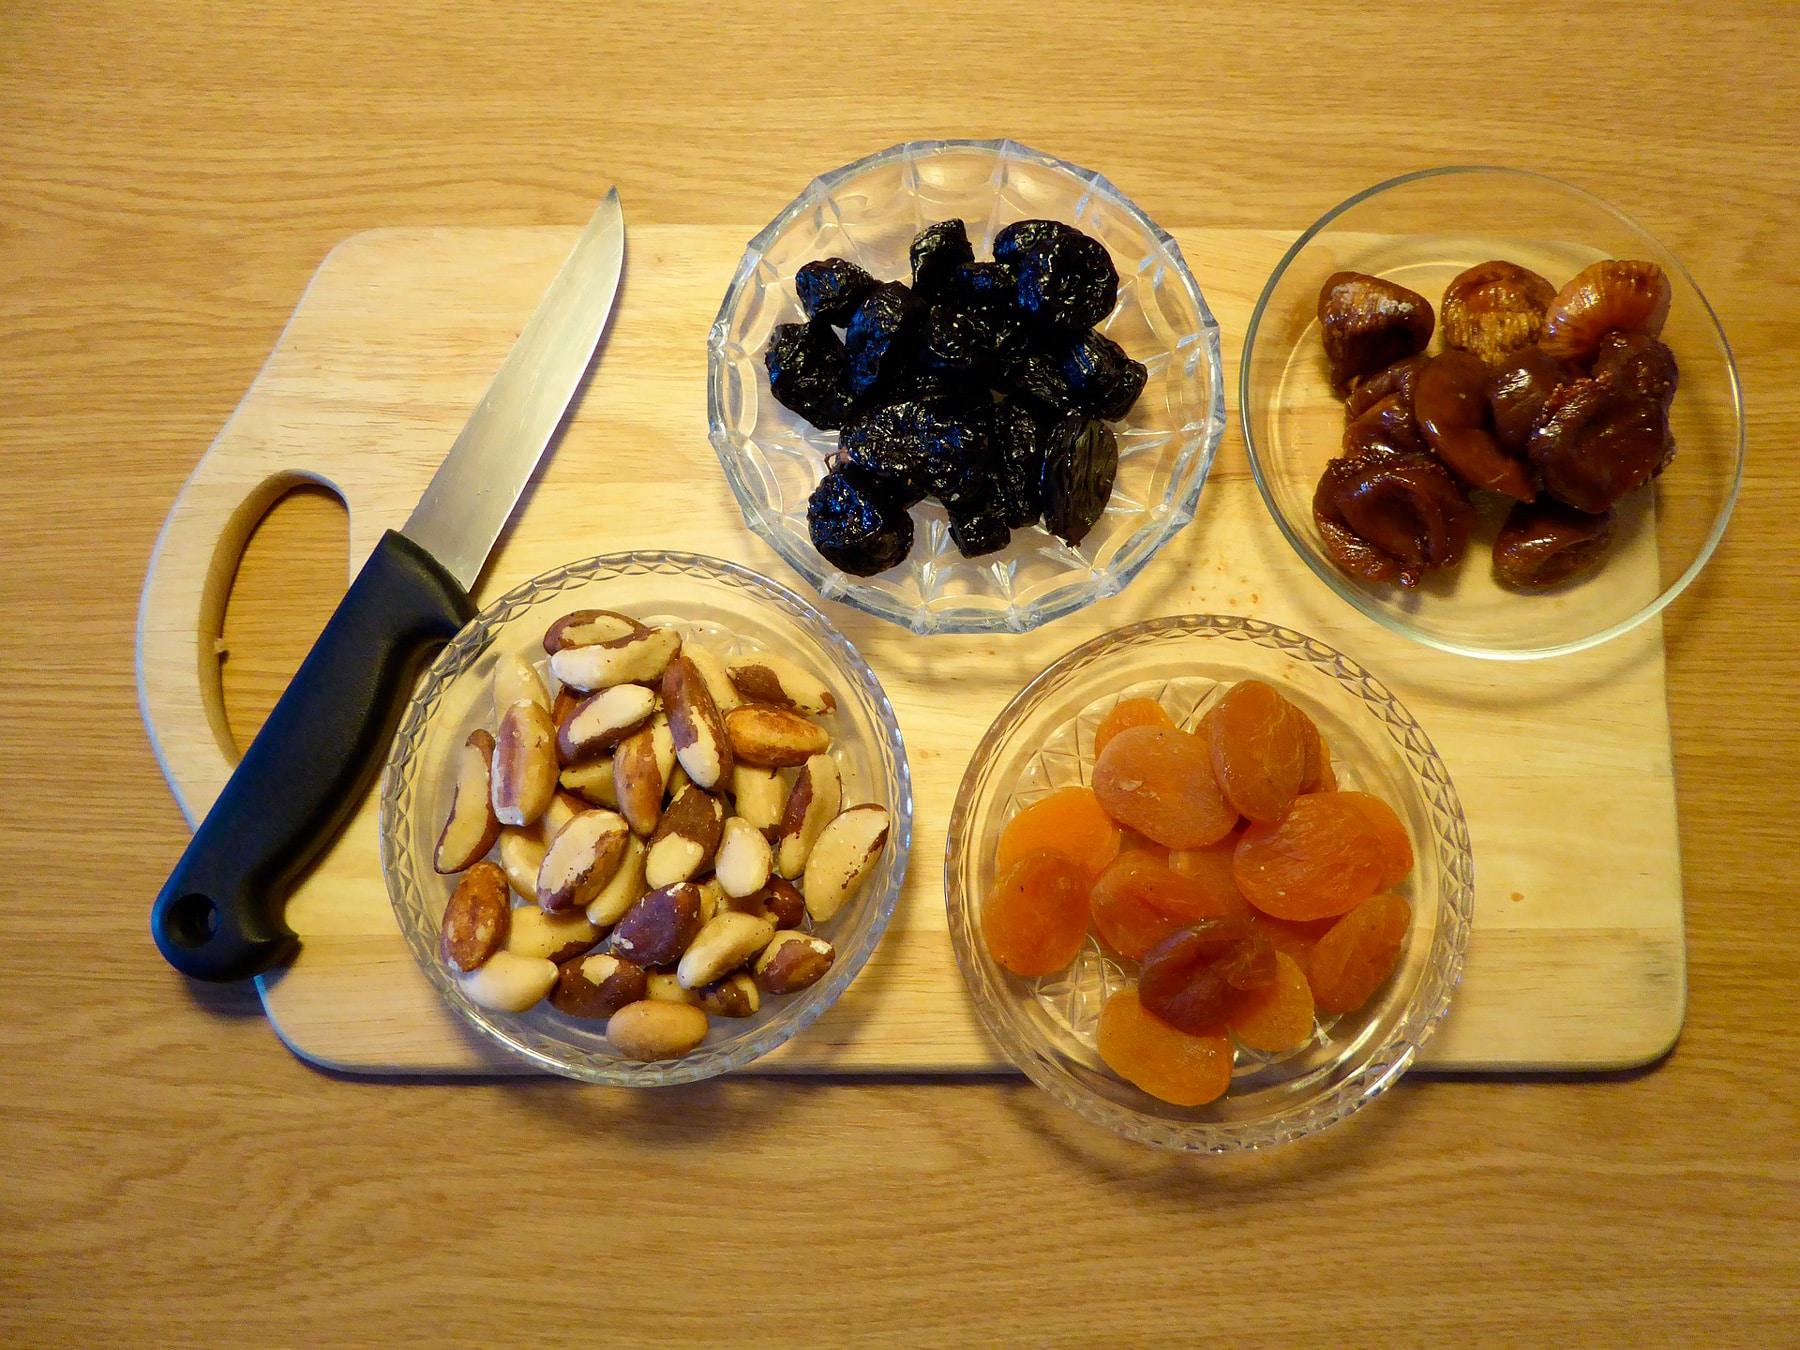 La ciruela pasa: Descubre sus cinco propiedades como snack saludable